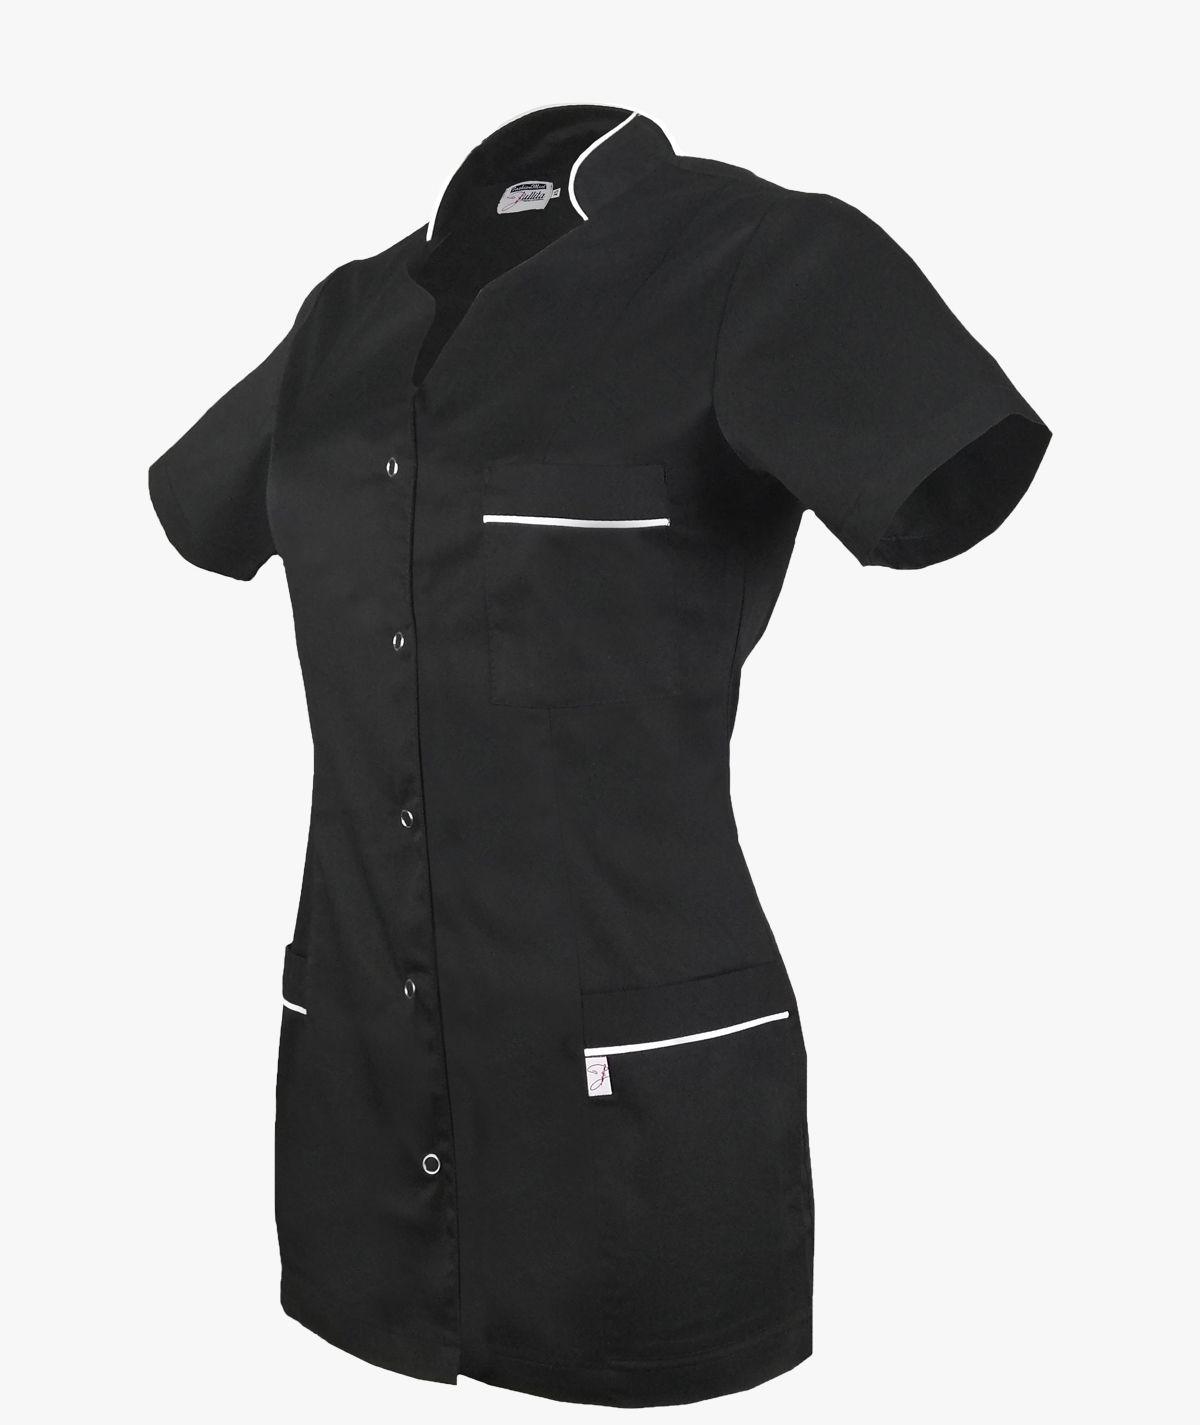 Czarny żakiet medyczny Jowita z krótkim rękawem